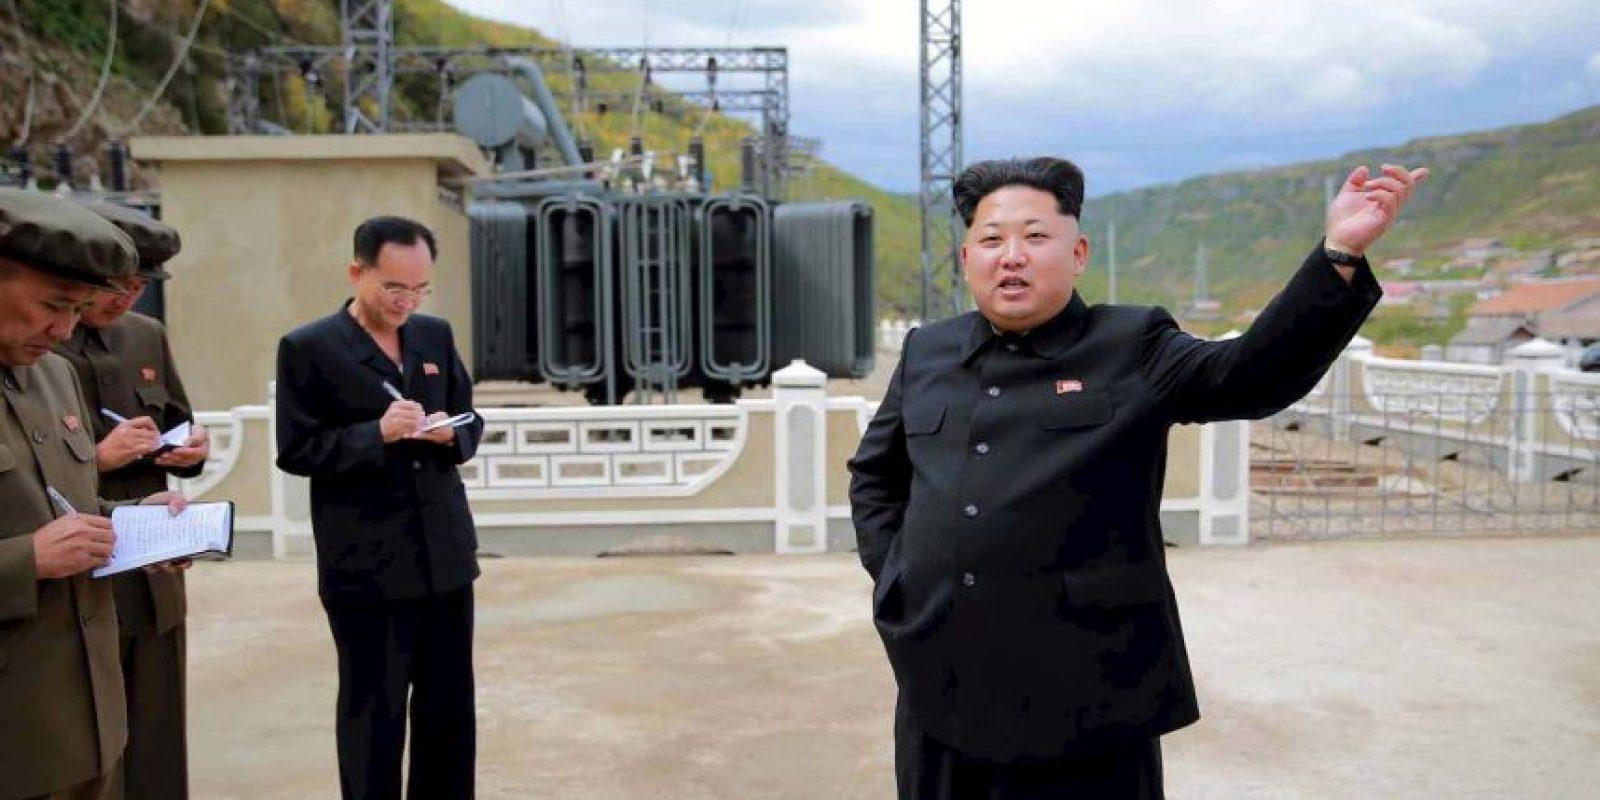 """Por otro lado, el Organismo Internacional de Energía Atómica comentó que este anuncio """"levanta preocupaciones"""". Foto:AFP"""